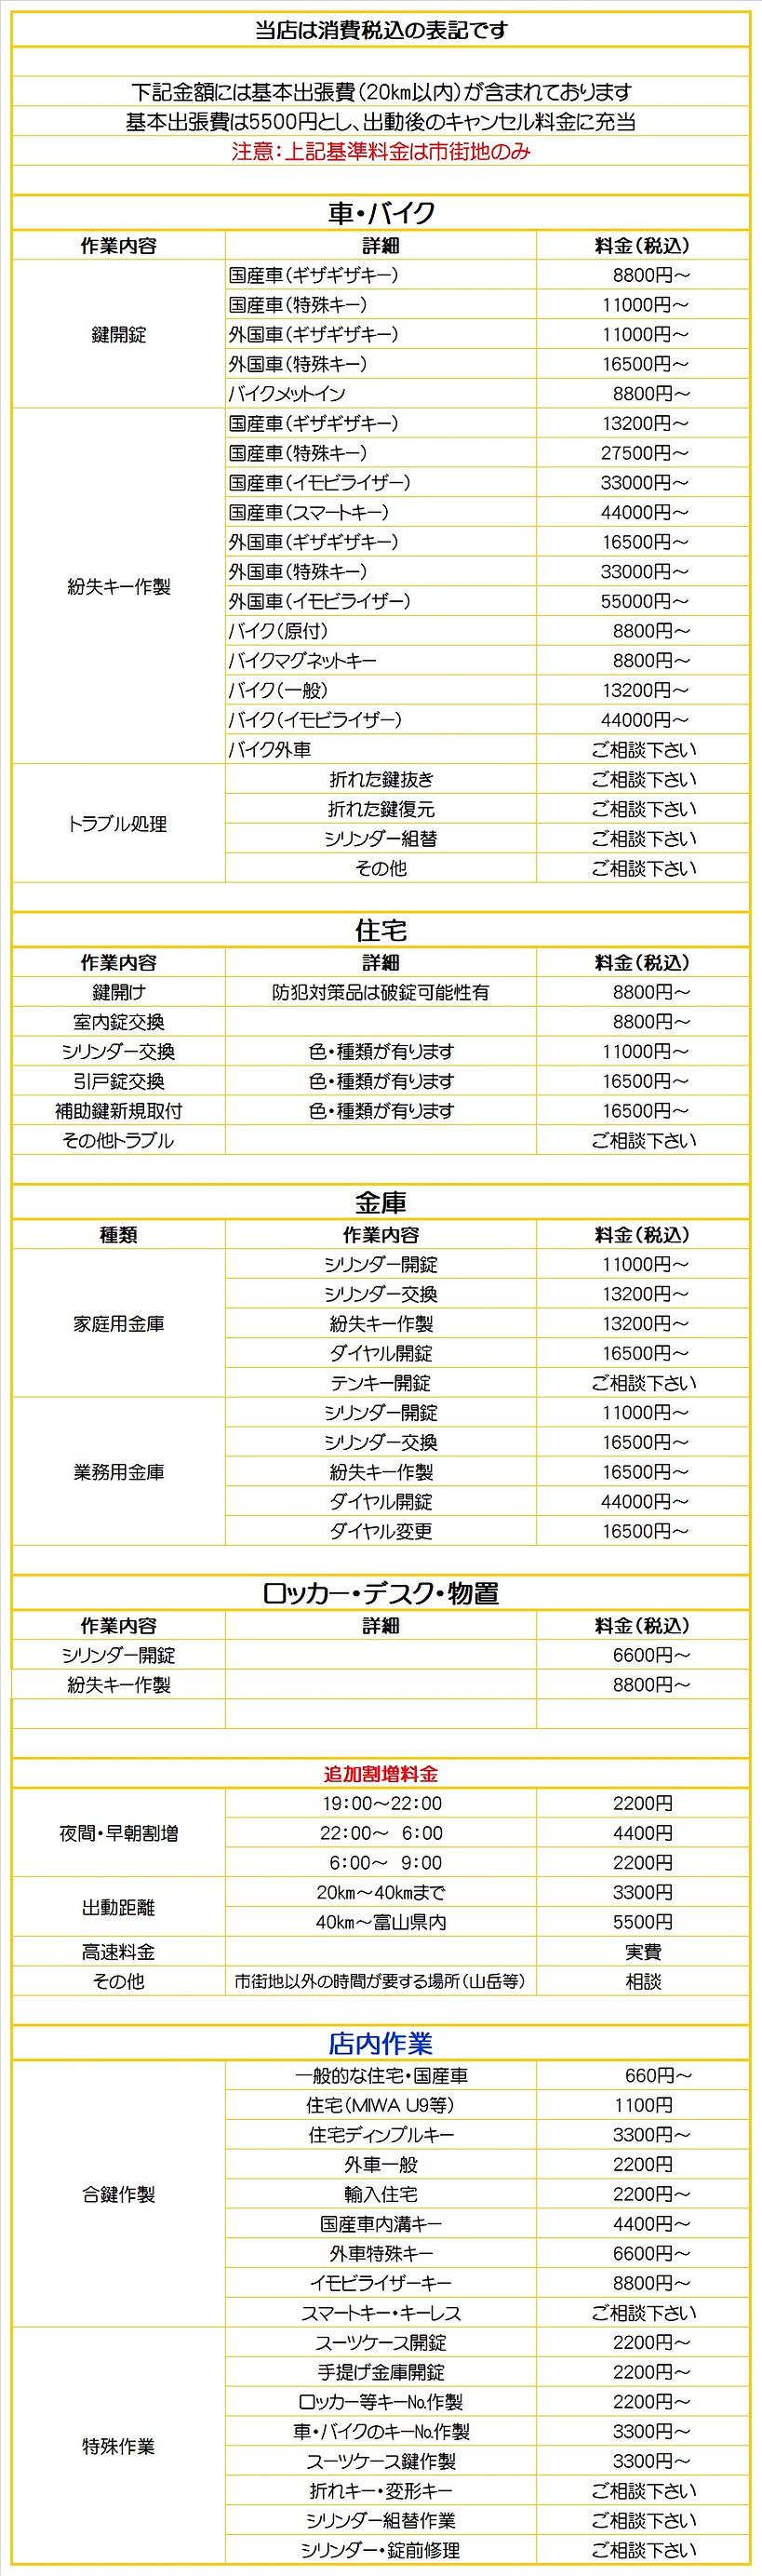 料金表JPG 202103.jpg